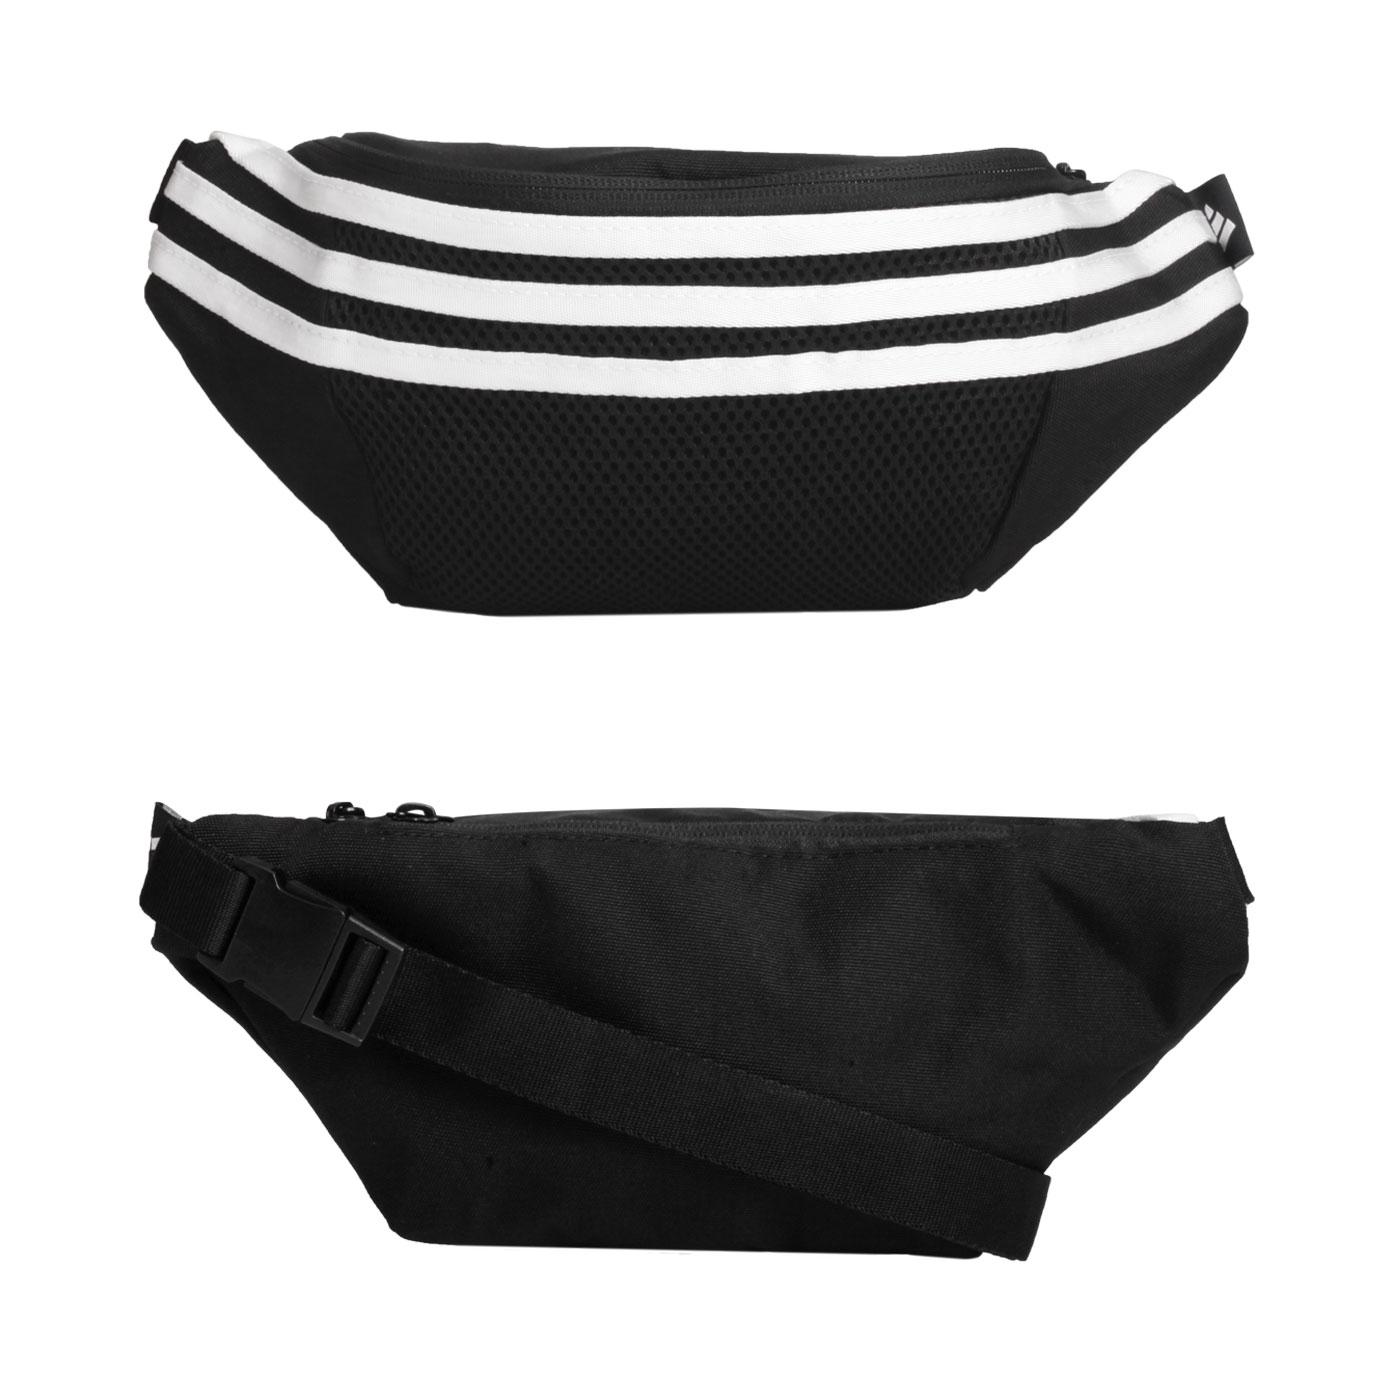 ADIDAS 運動腰包 GG1036 - 黑白